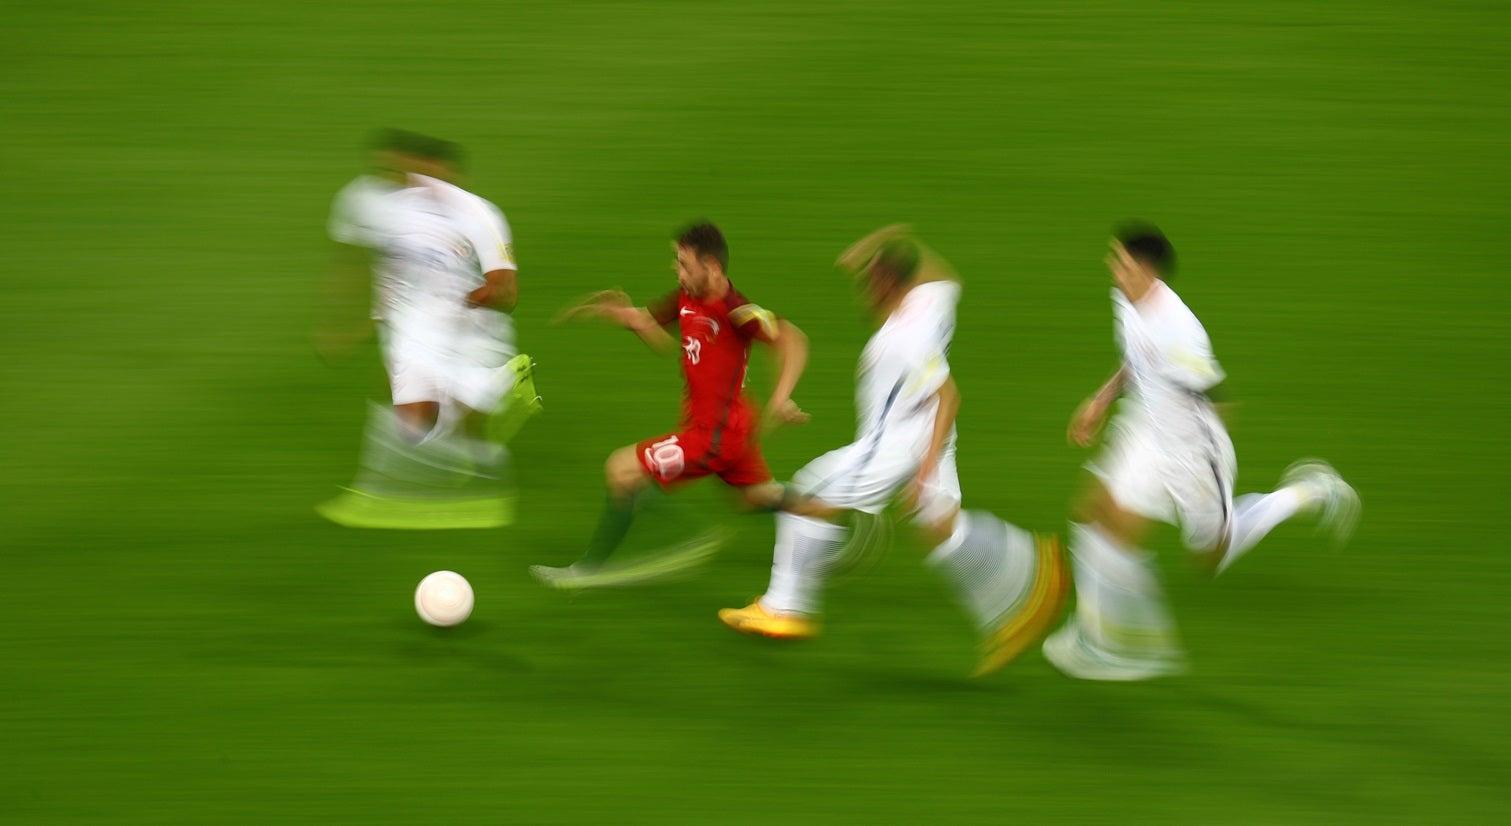 Mundial2018: Portugal defronta a Bélgica a 2 de junho